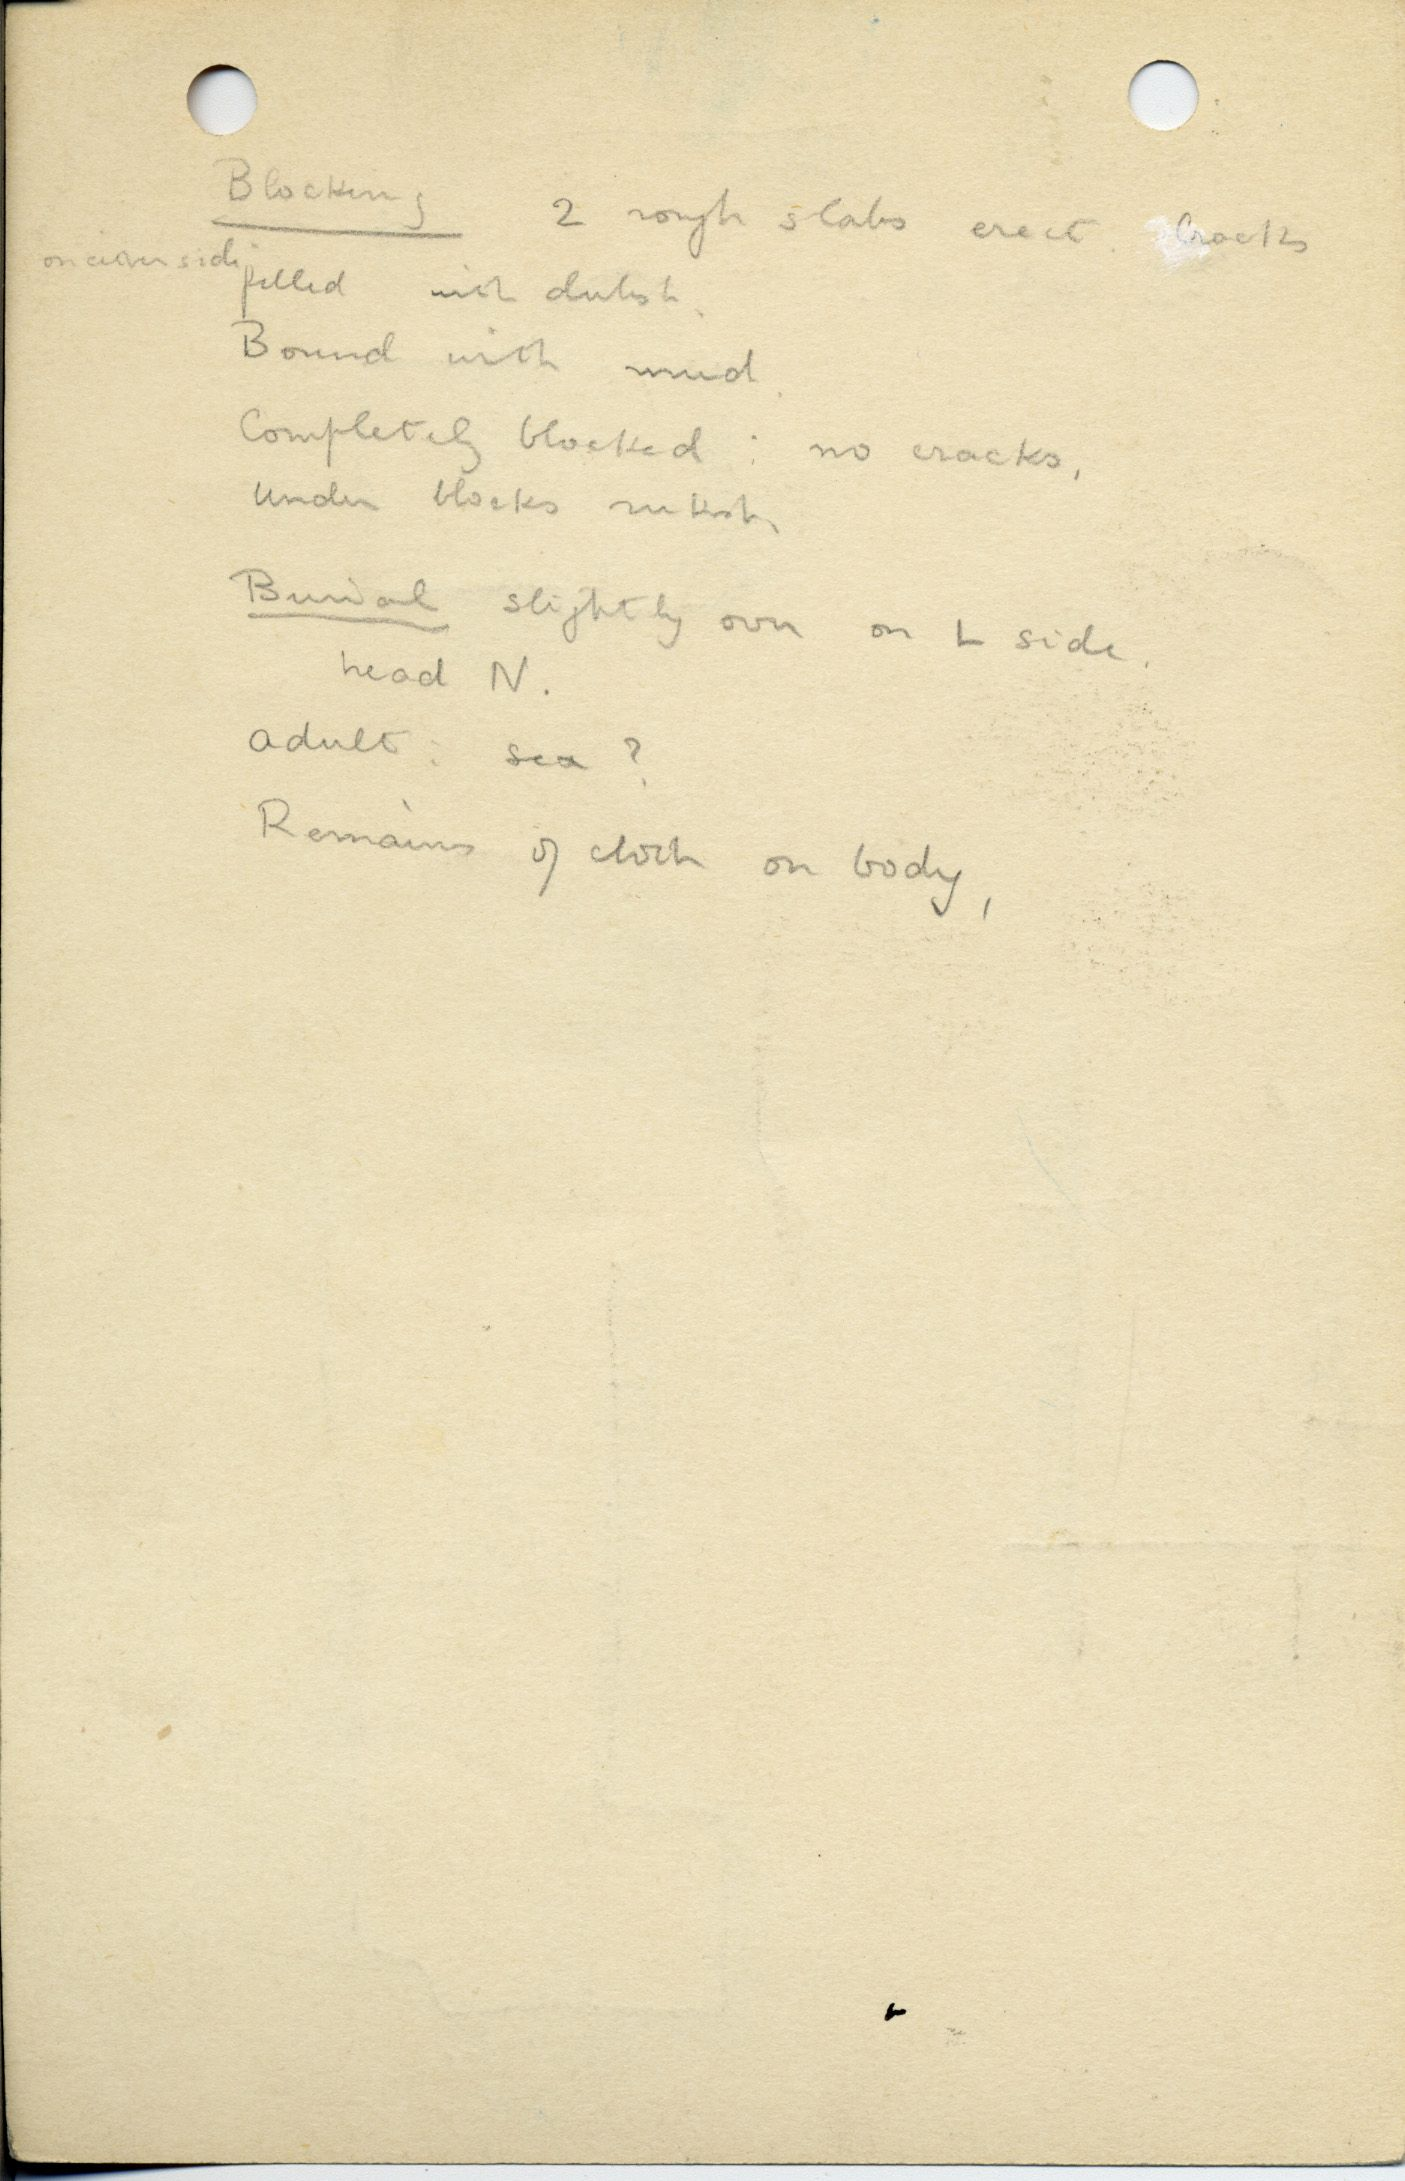 Notes: G 1037-Annex, Shaft G, notes